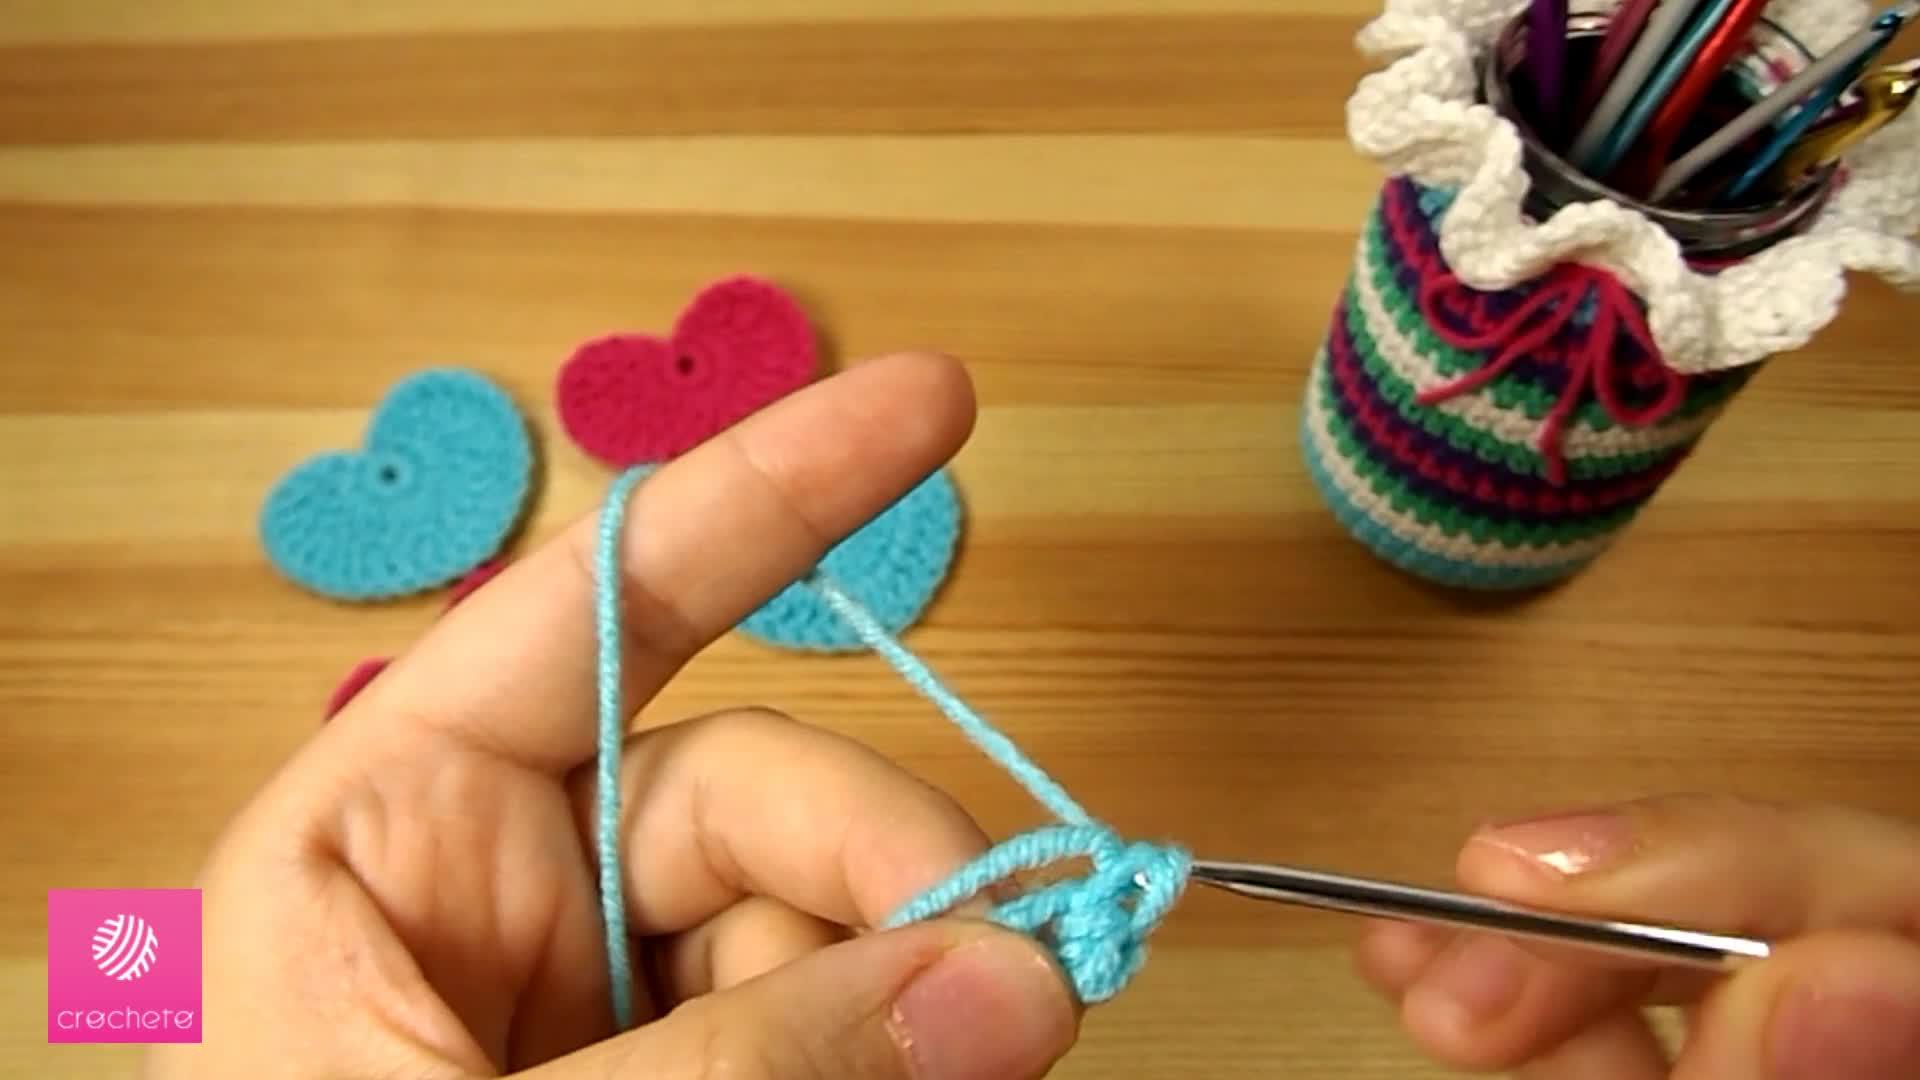 تعليم الكروشيه القلب البسيط Learn how to Crochet Simple Heart - Crochet heart pattern 1